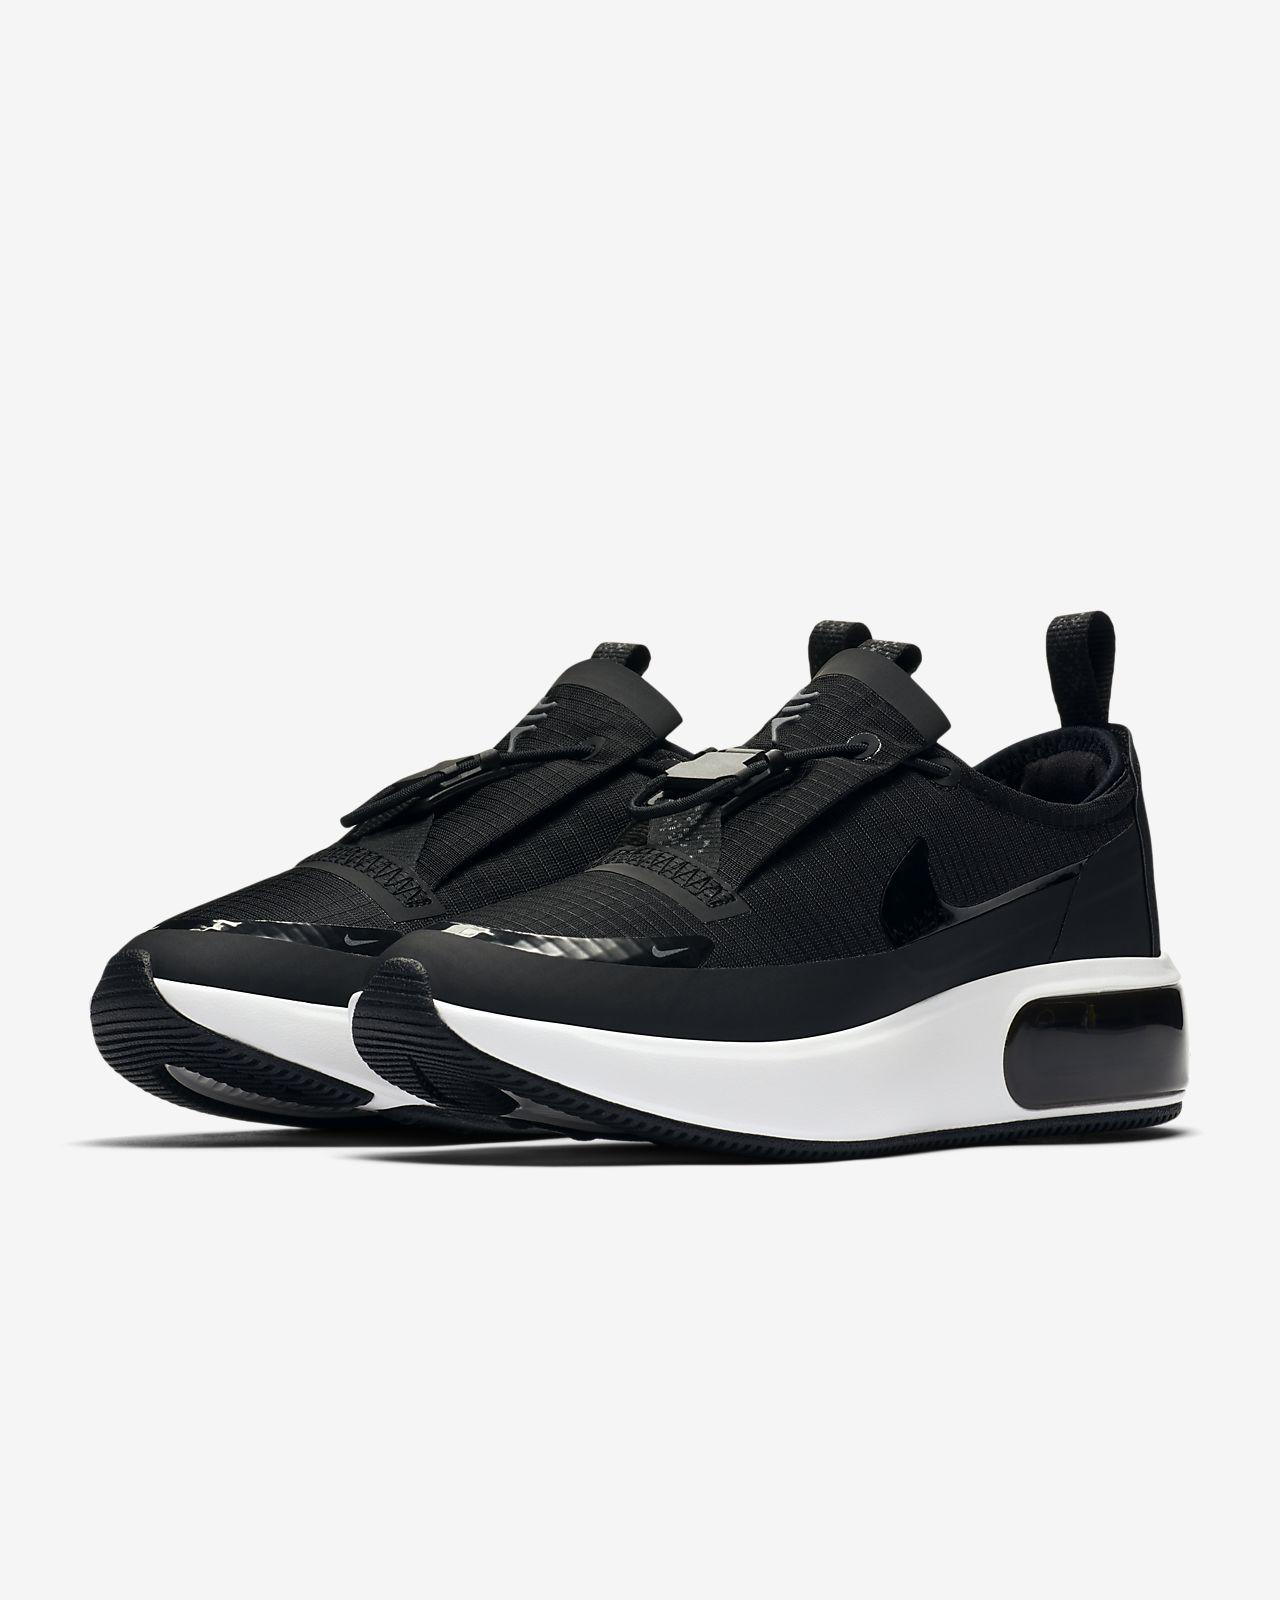 Sko Nike Air Max Dia Winter för kvinnor